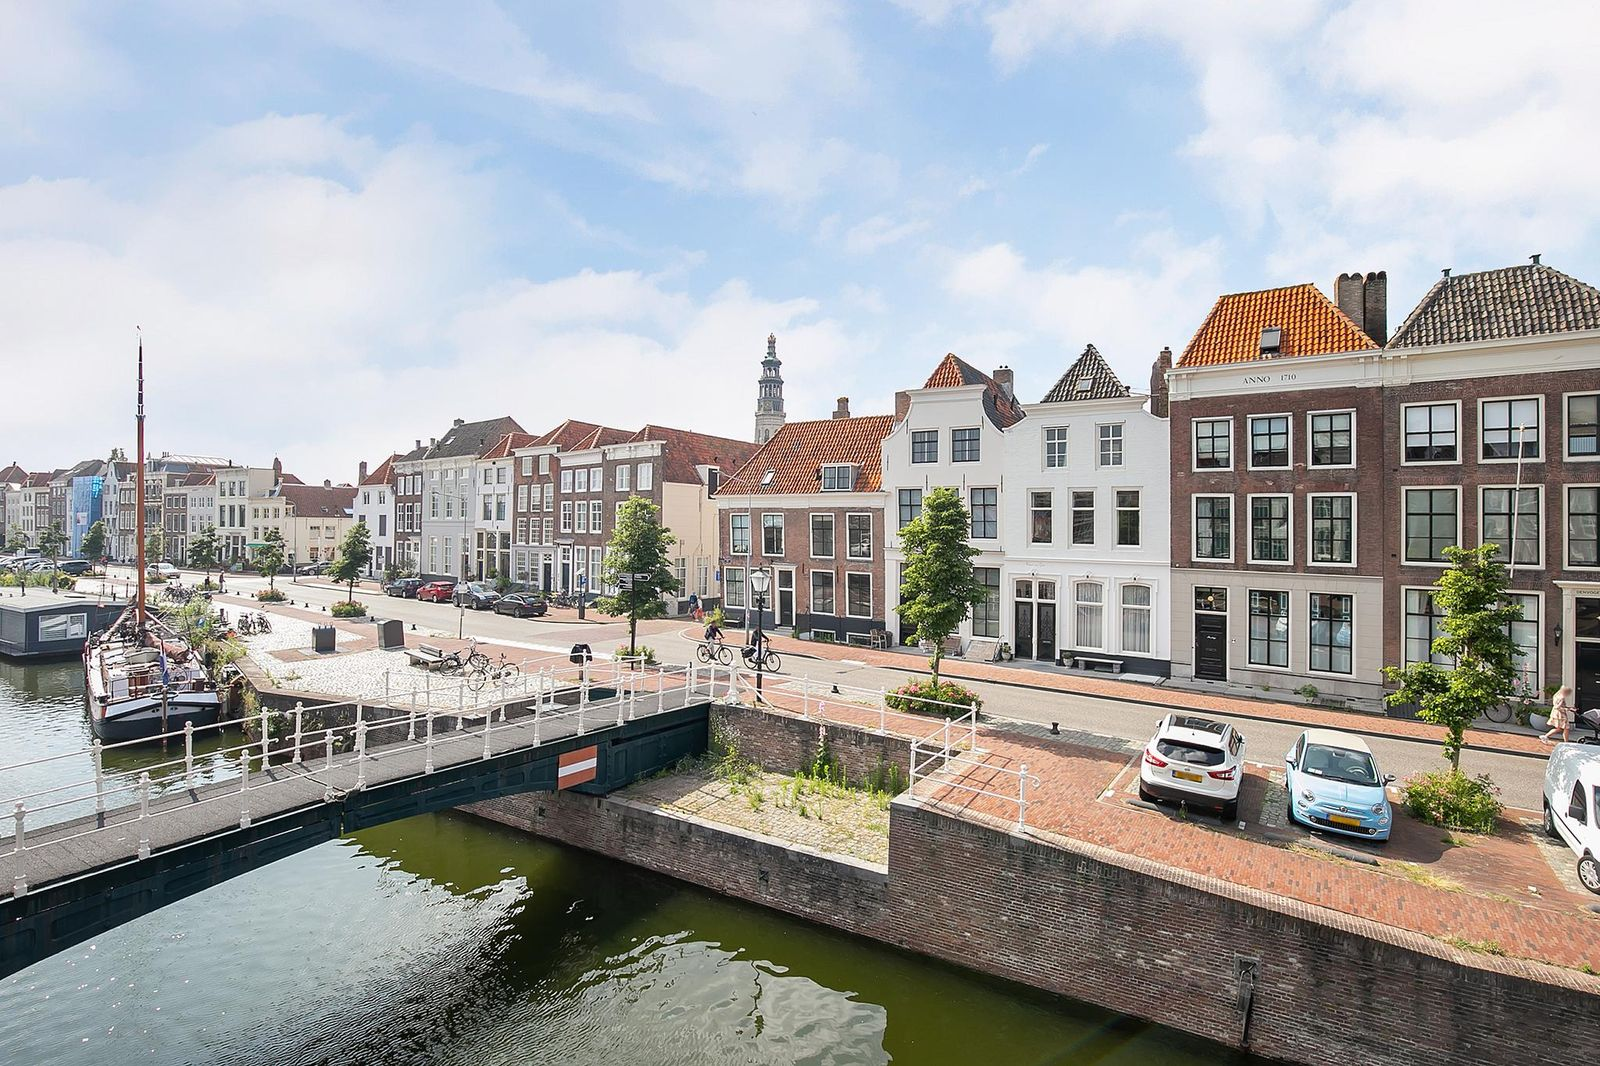 Rouaansekaai 5, Middelburg